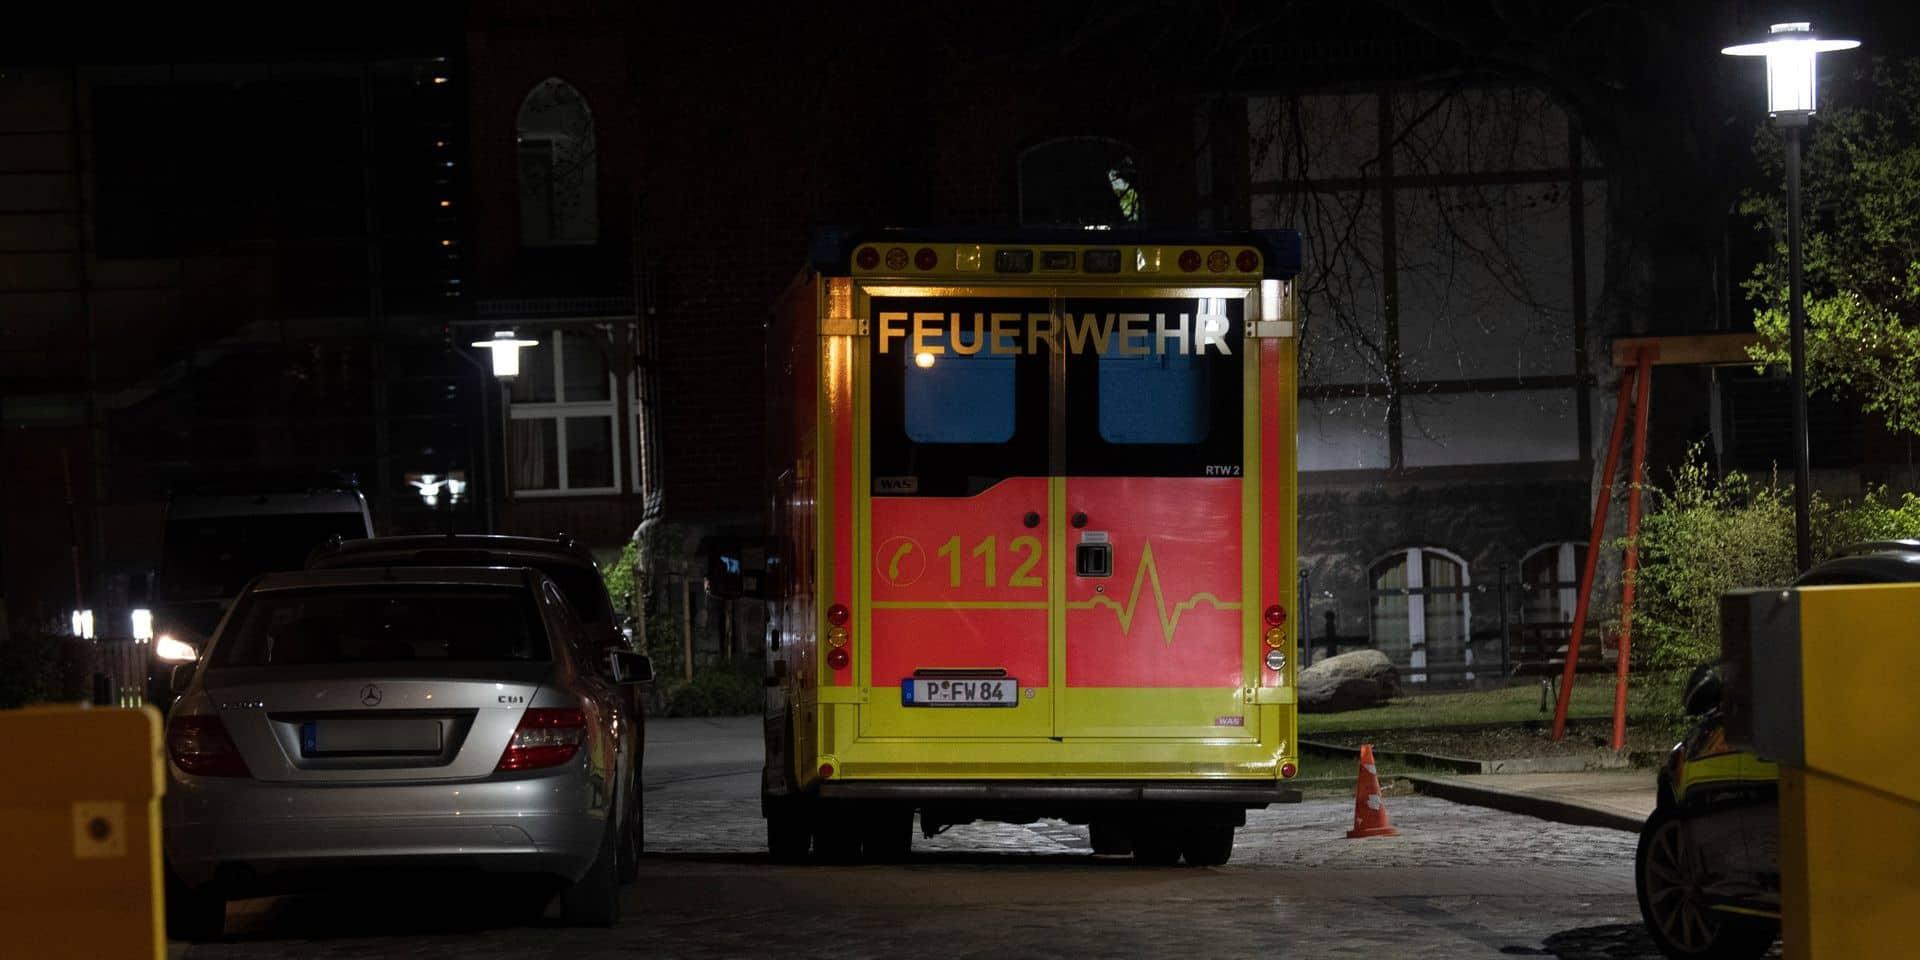 Tuerie dans une clinique allemande: 4 morts, 1 blessé grave